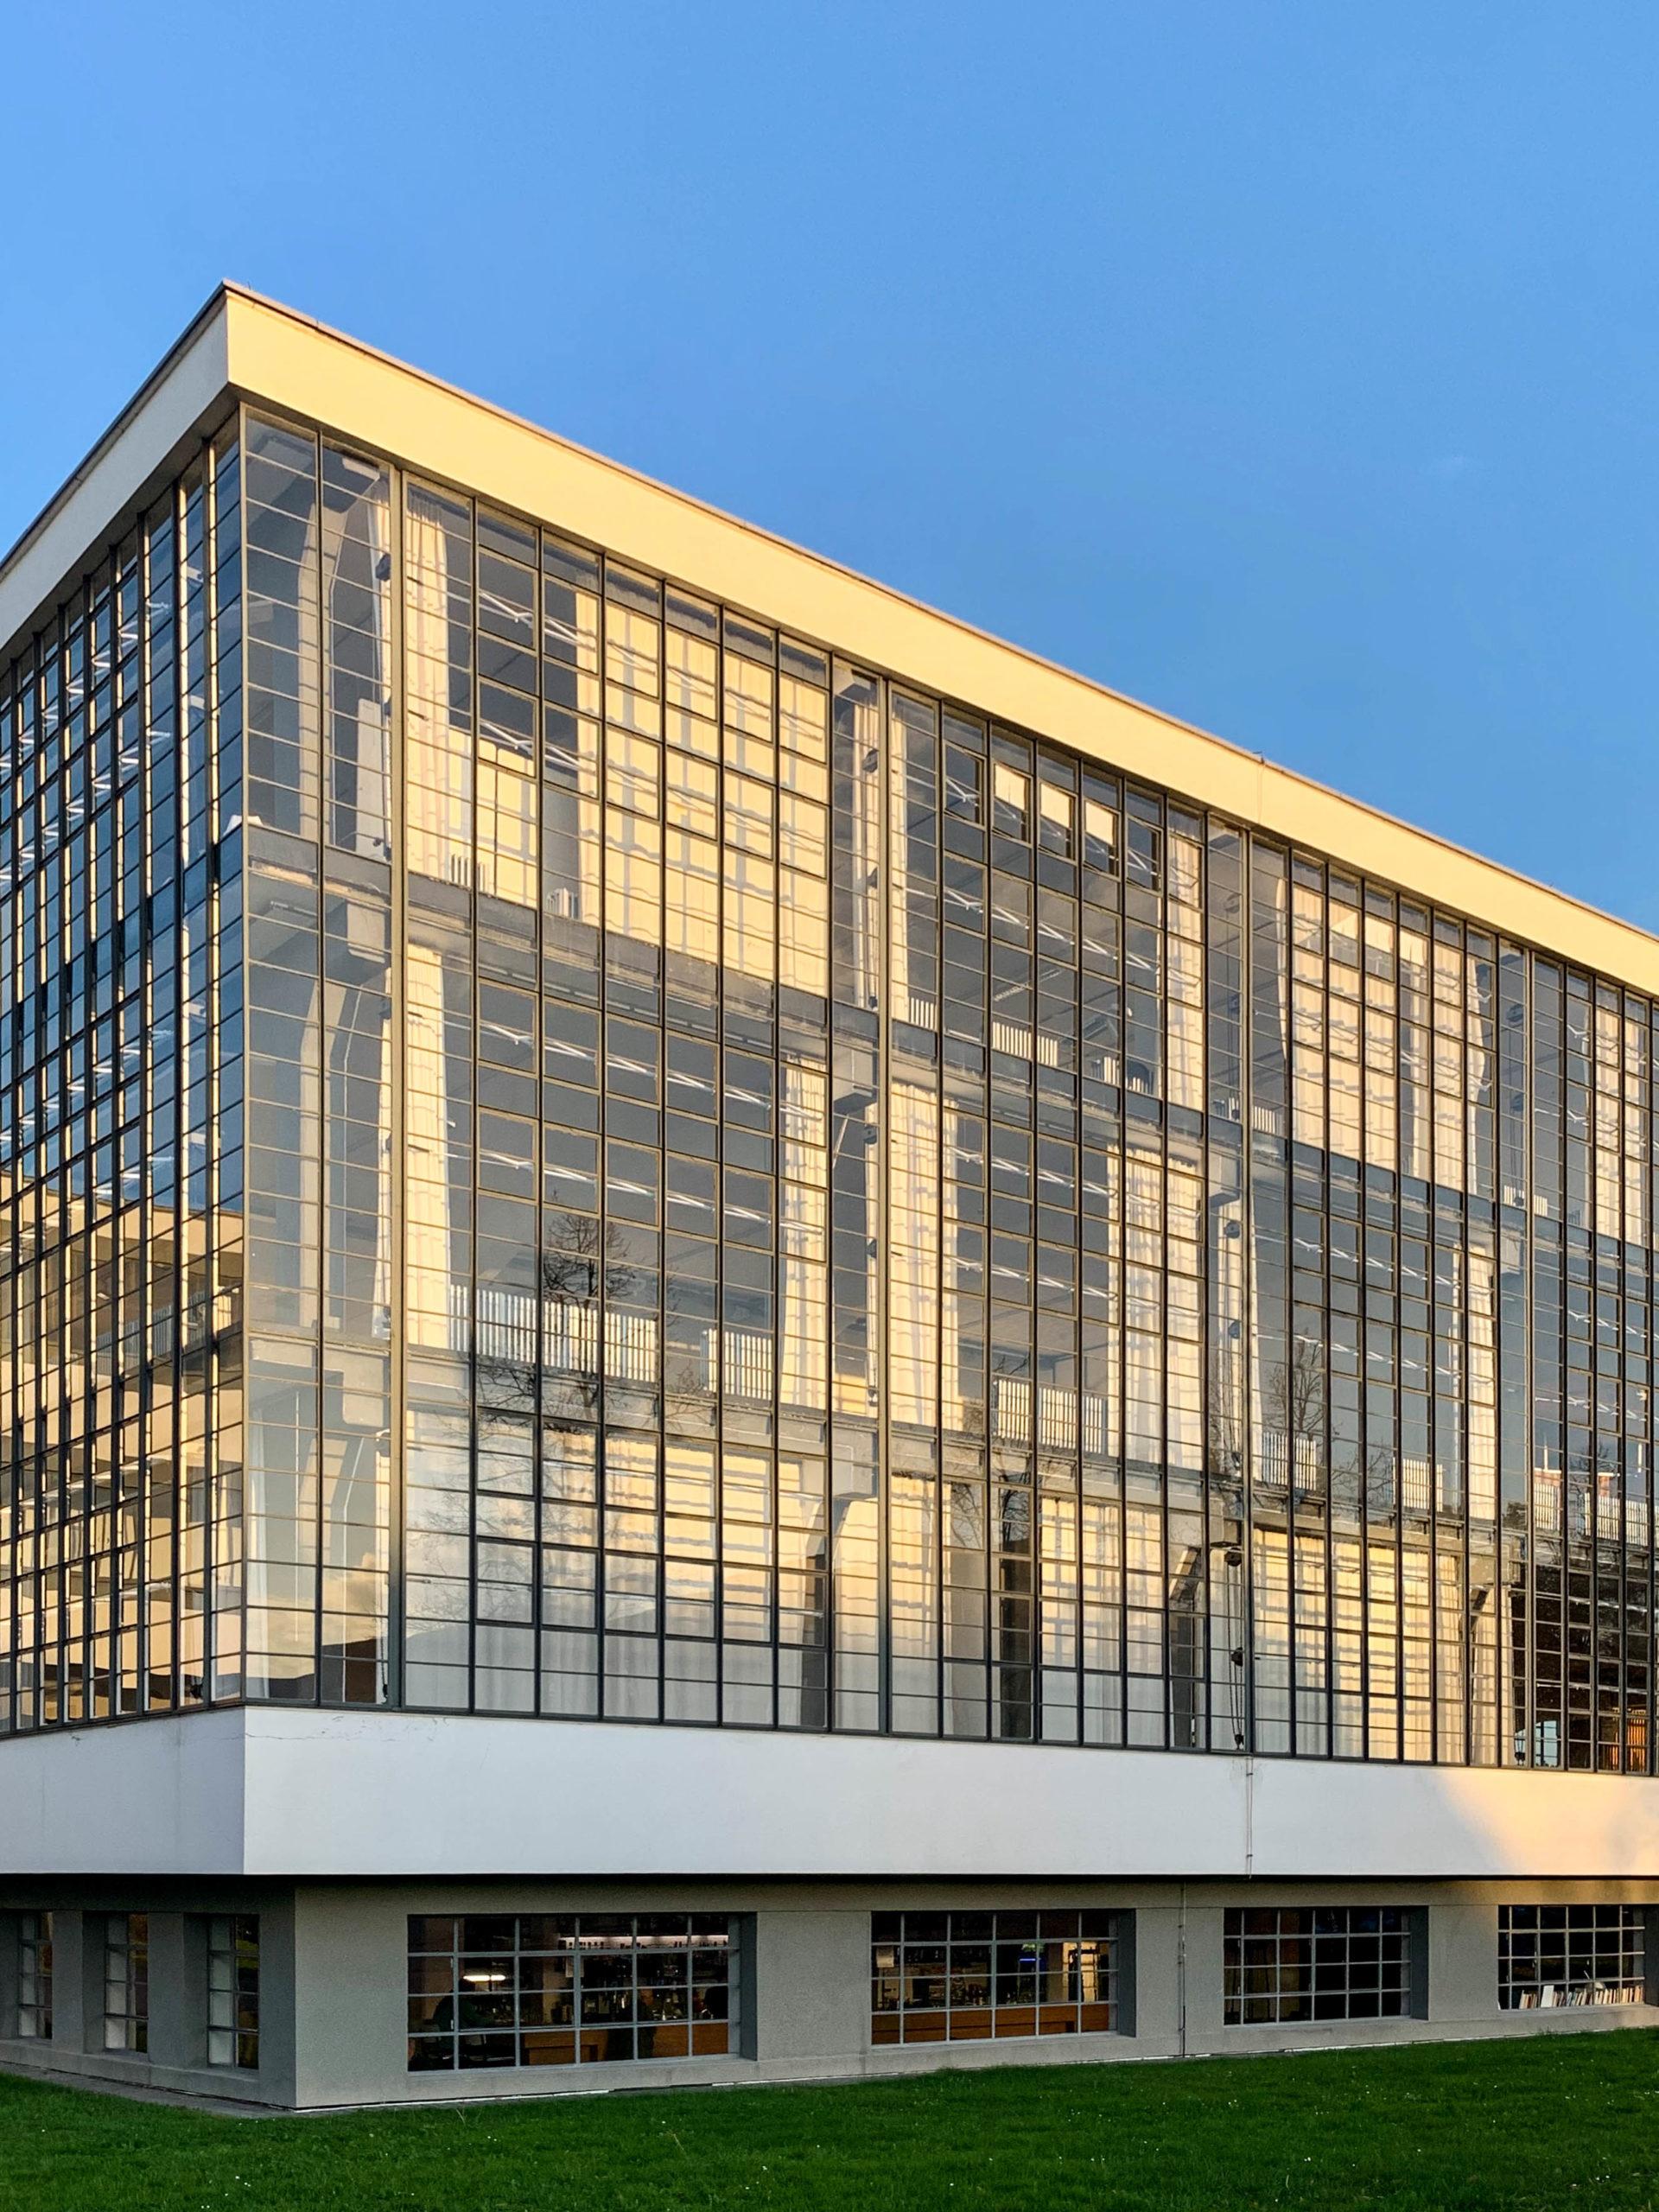 Bauhausgebäude, 1925-1926. Architekt: Walter Gropius